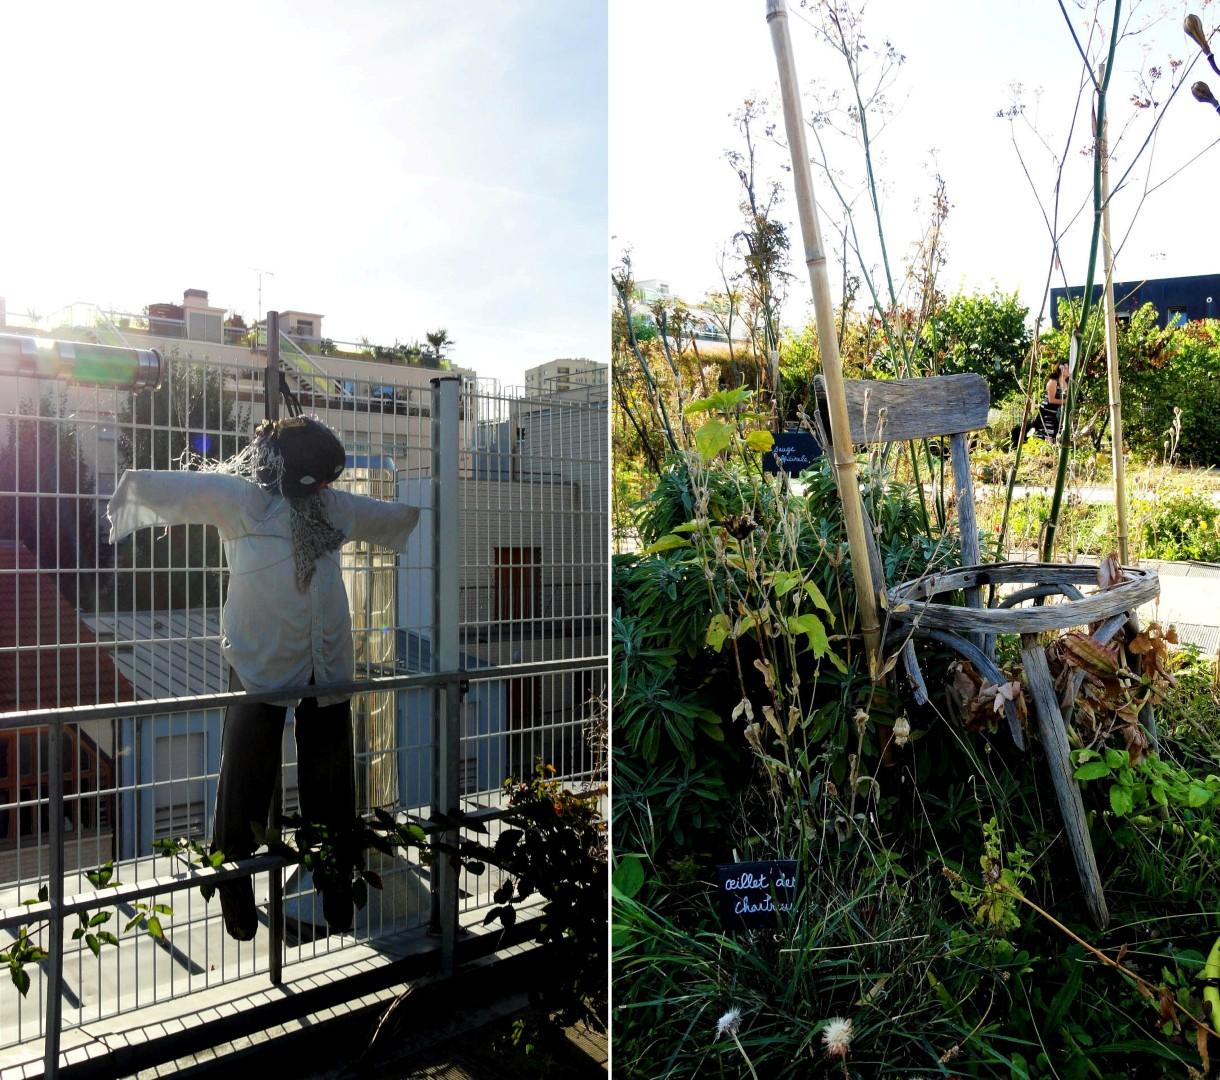 Jardin sur le Toit - Rue des Haies, Paris 20e